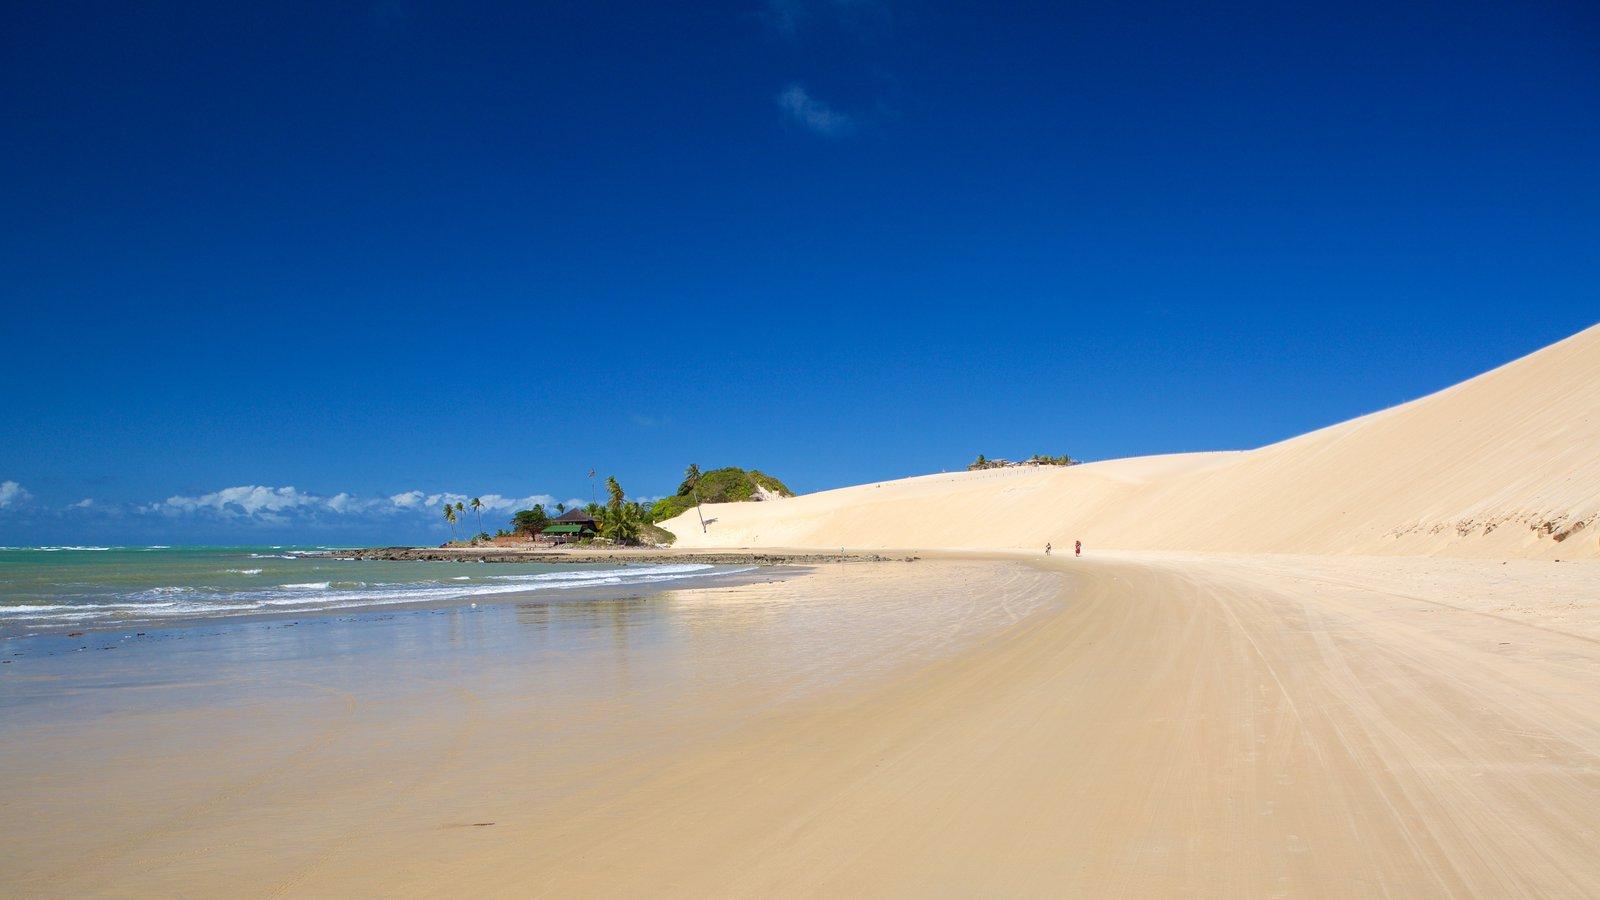 Praia de Genipabú caracterizando paisagens litorâneas e uma praia